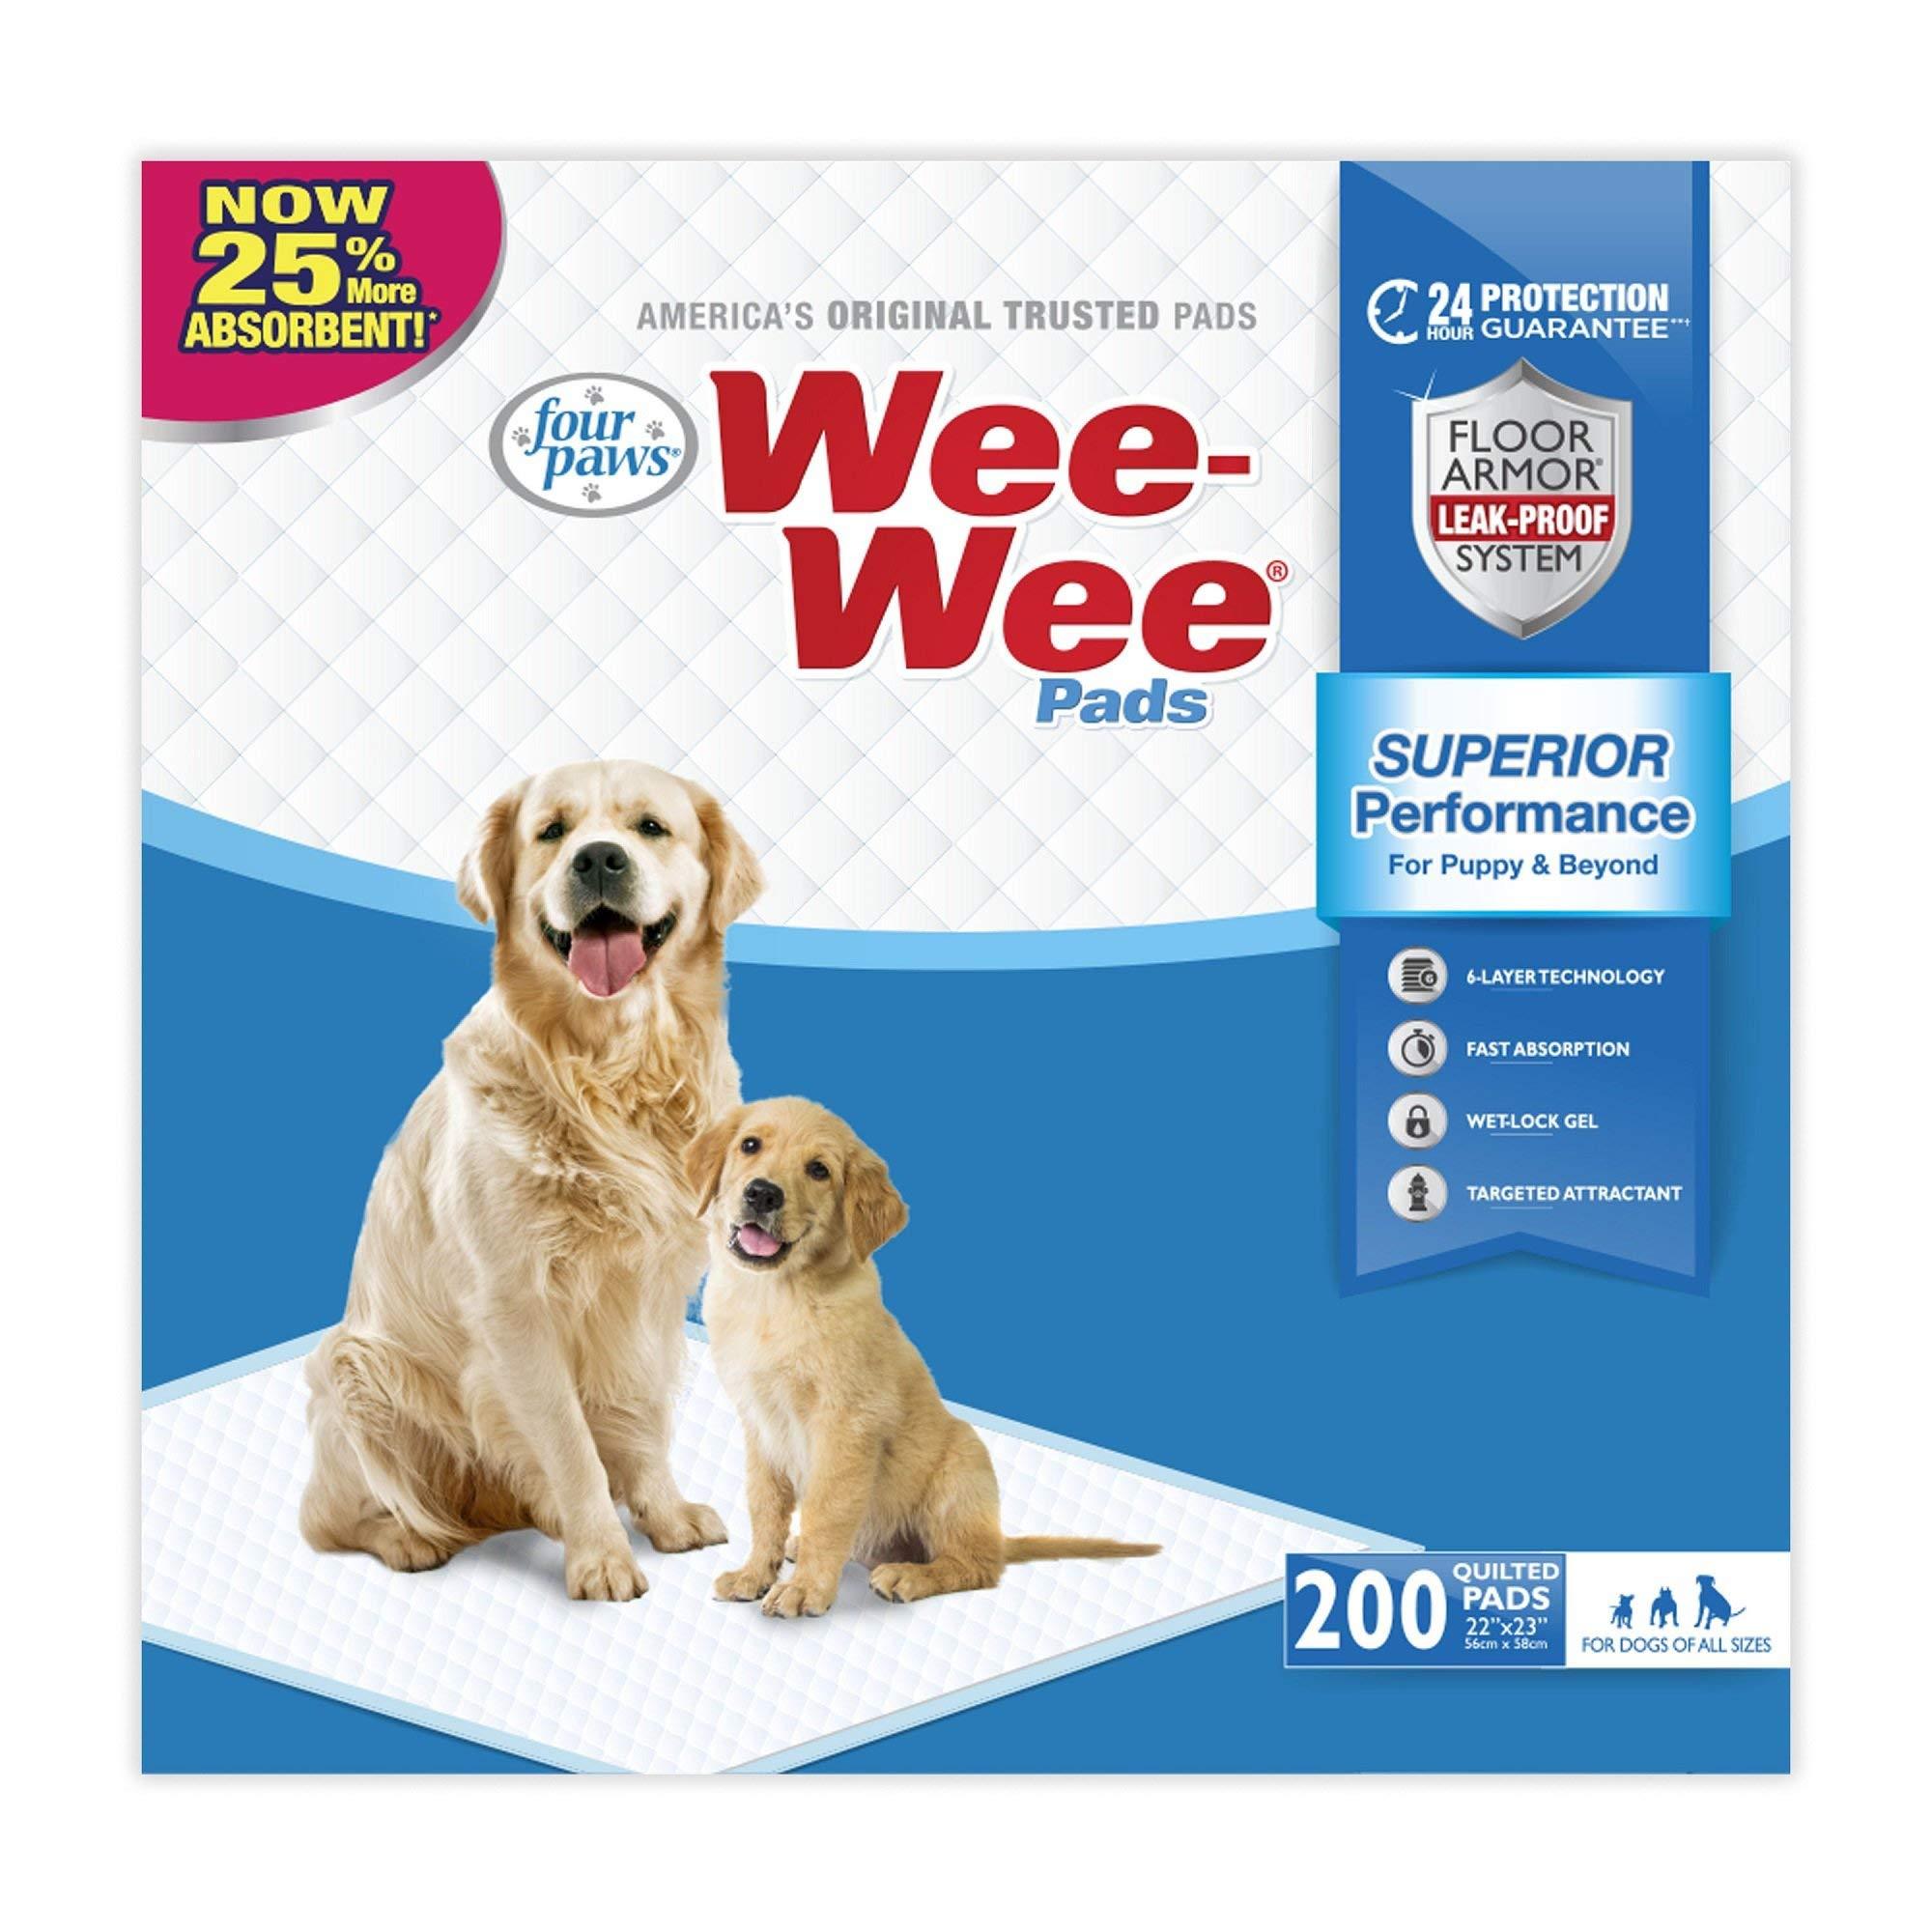 Wee-Wee Pads, 200 Count by Wee Wee Pads